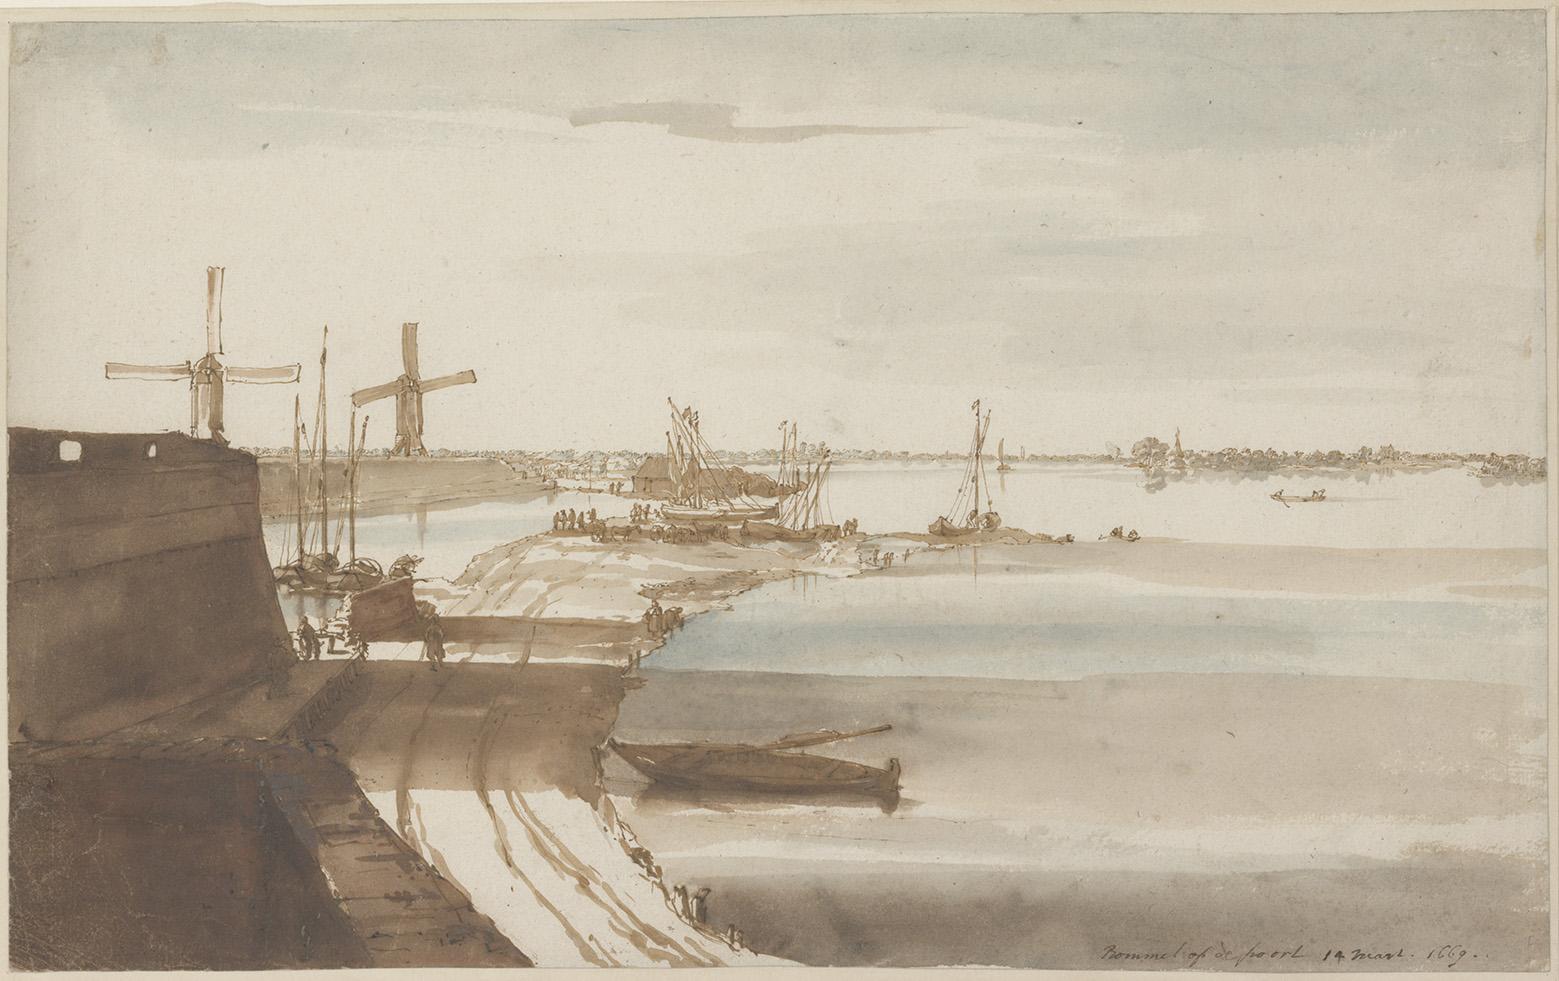 Constantijn Huygens, Vue panoramique du Waal à Zaltbommel, 1669, plume et encre brune, aquarelle, 20,8 x 33,1 cm (détail), Fondation Custo